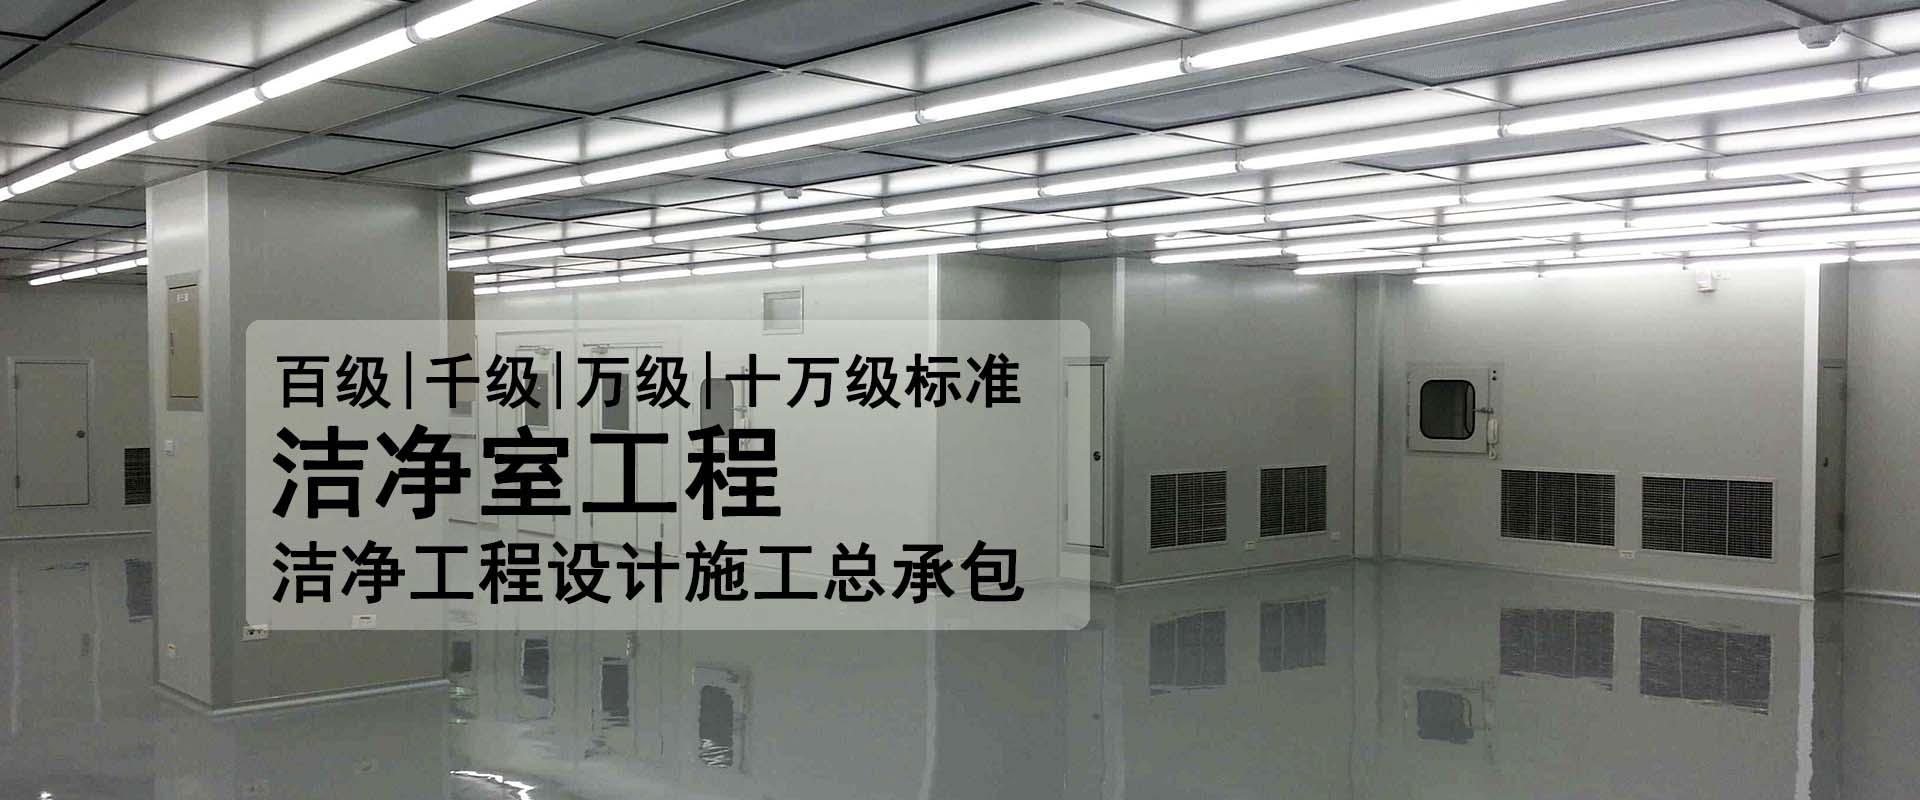 深圳华安实验室建设幻灯片5